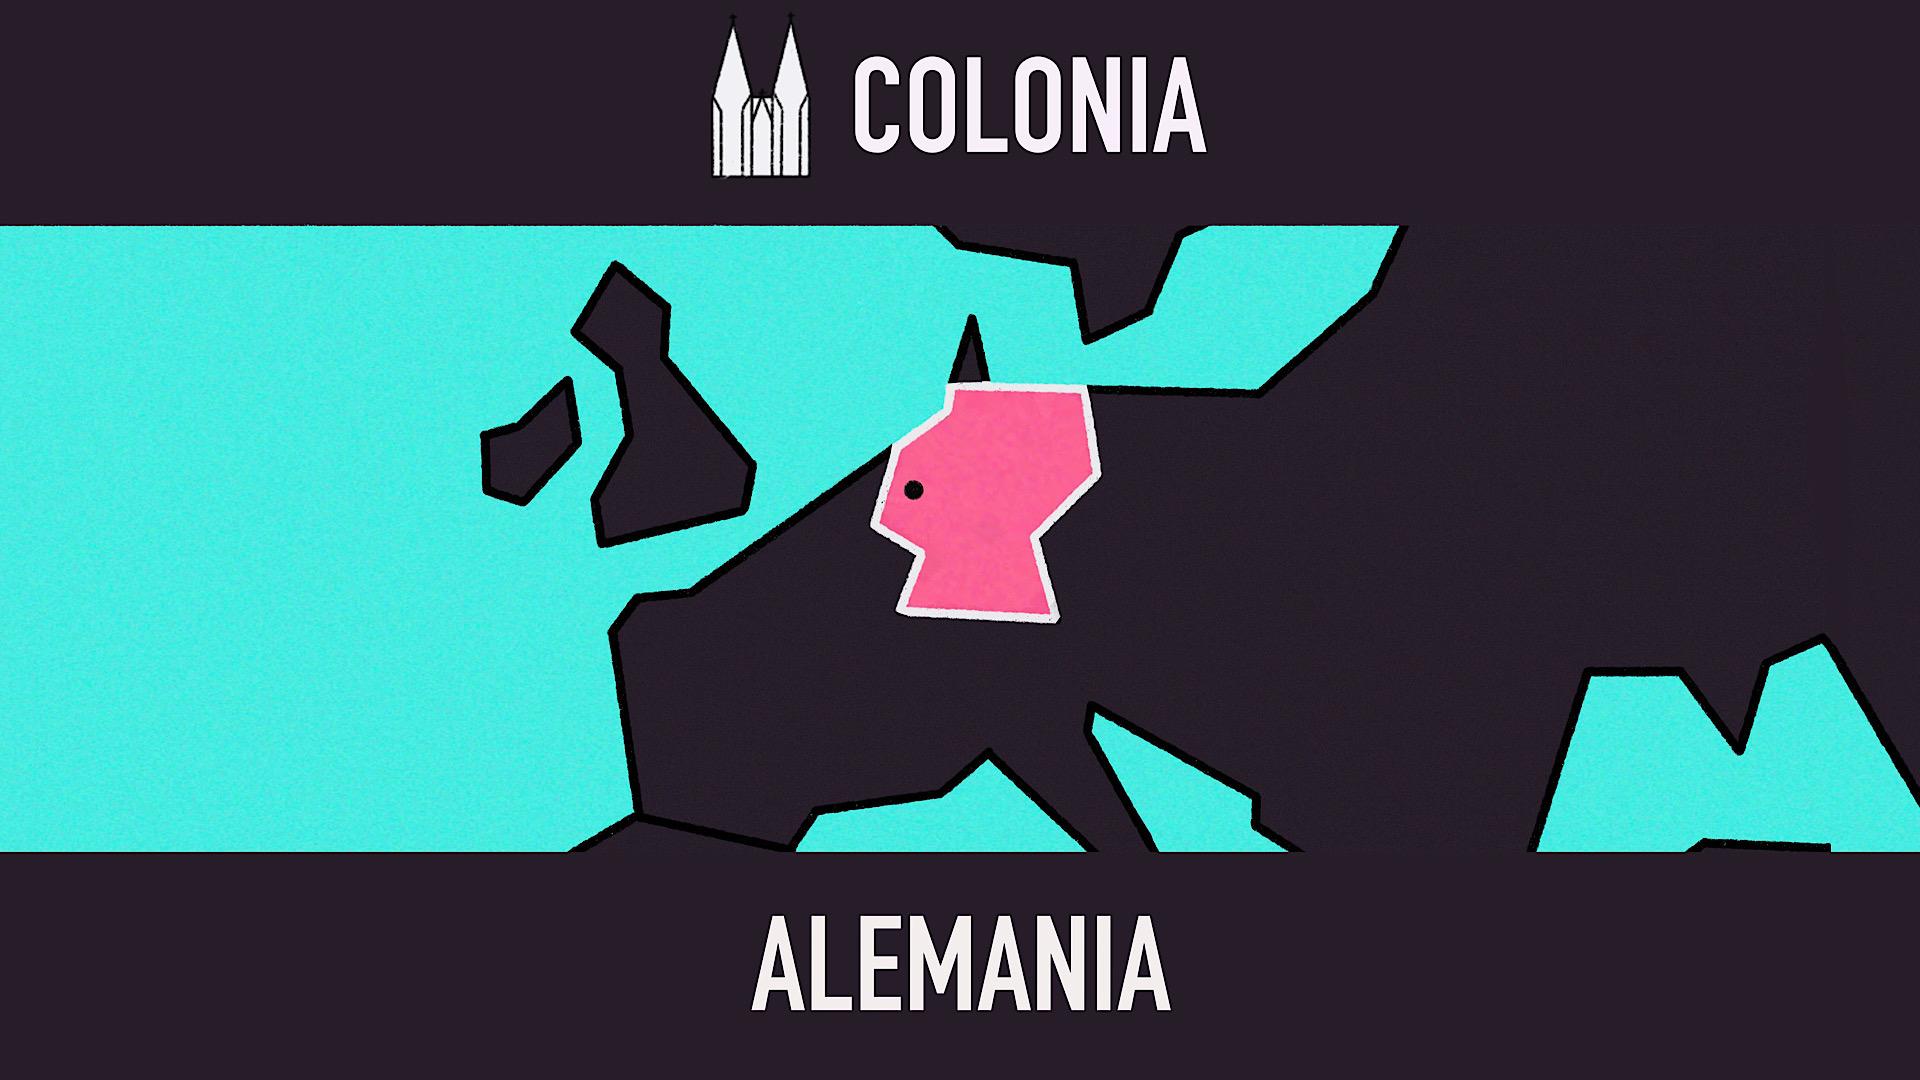 Cartas del coronavirus - Colonia Ilustración: Natalia Franco